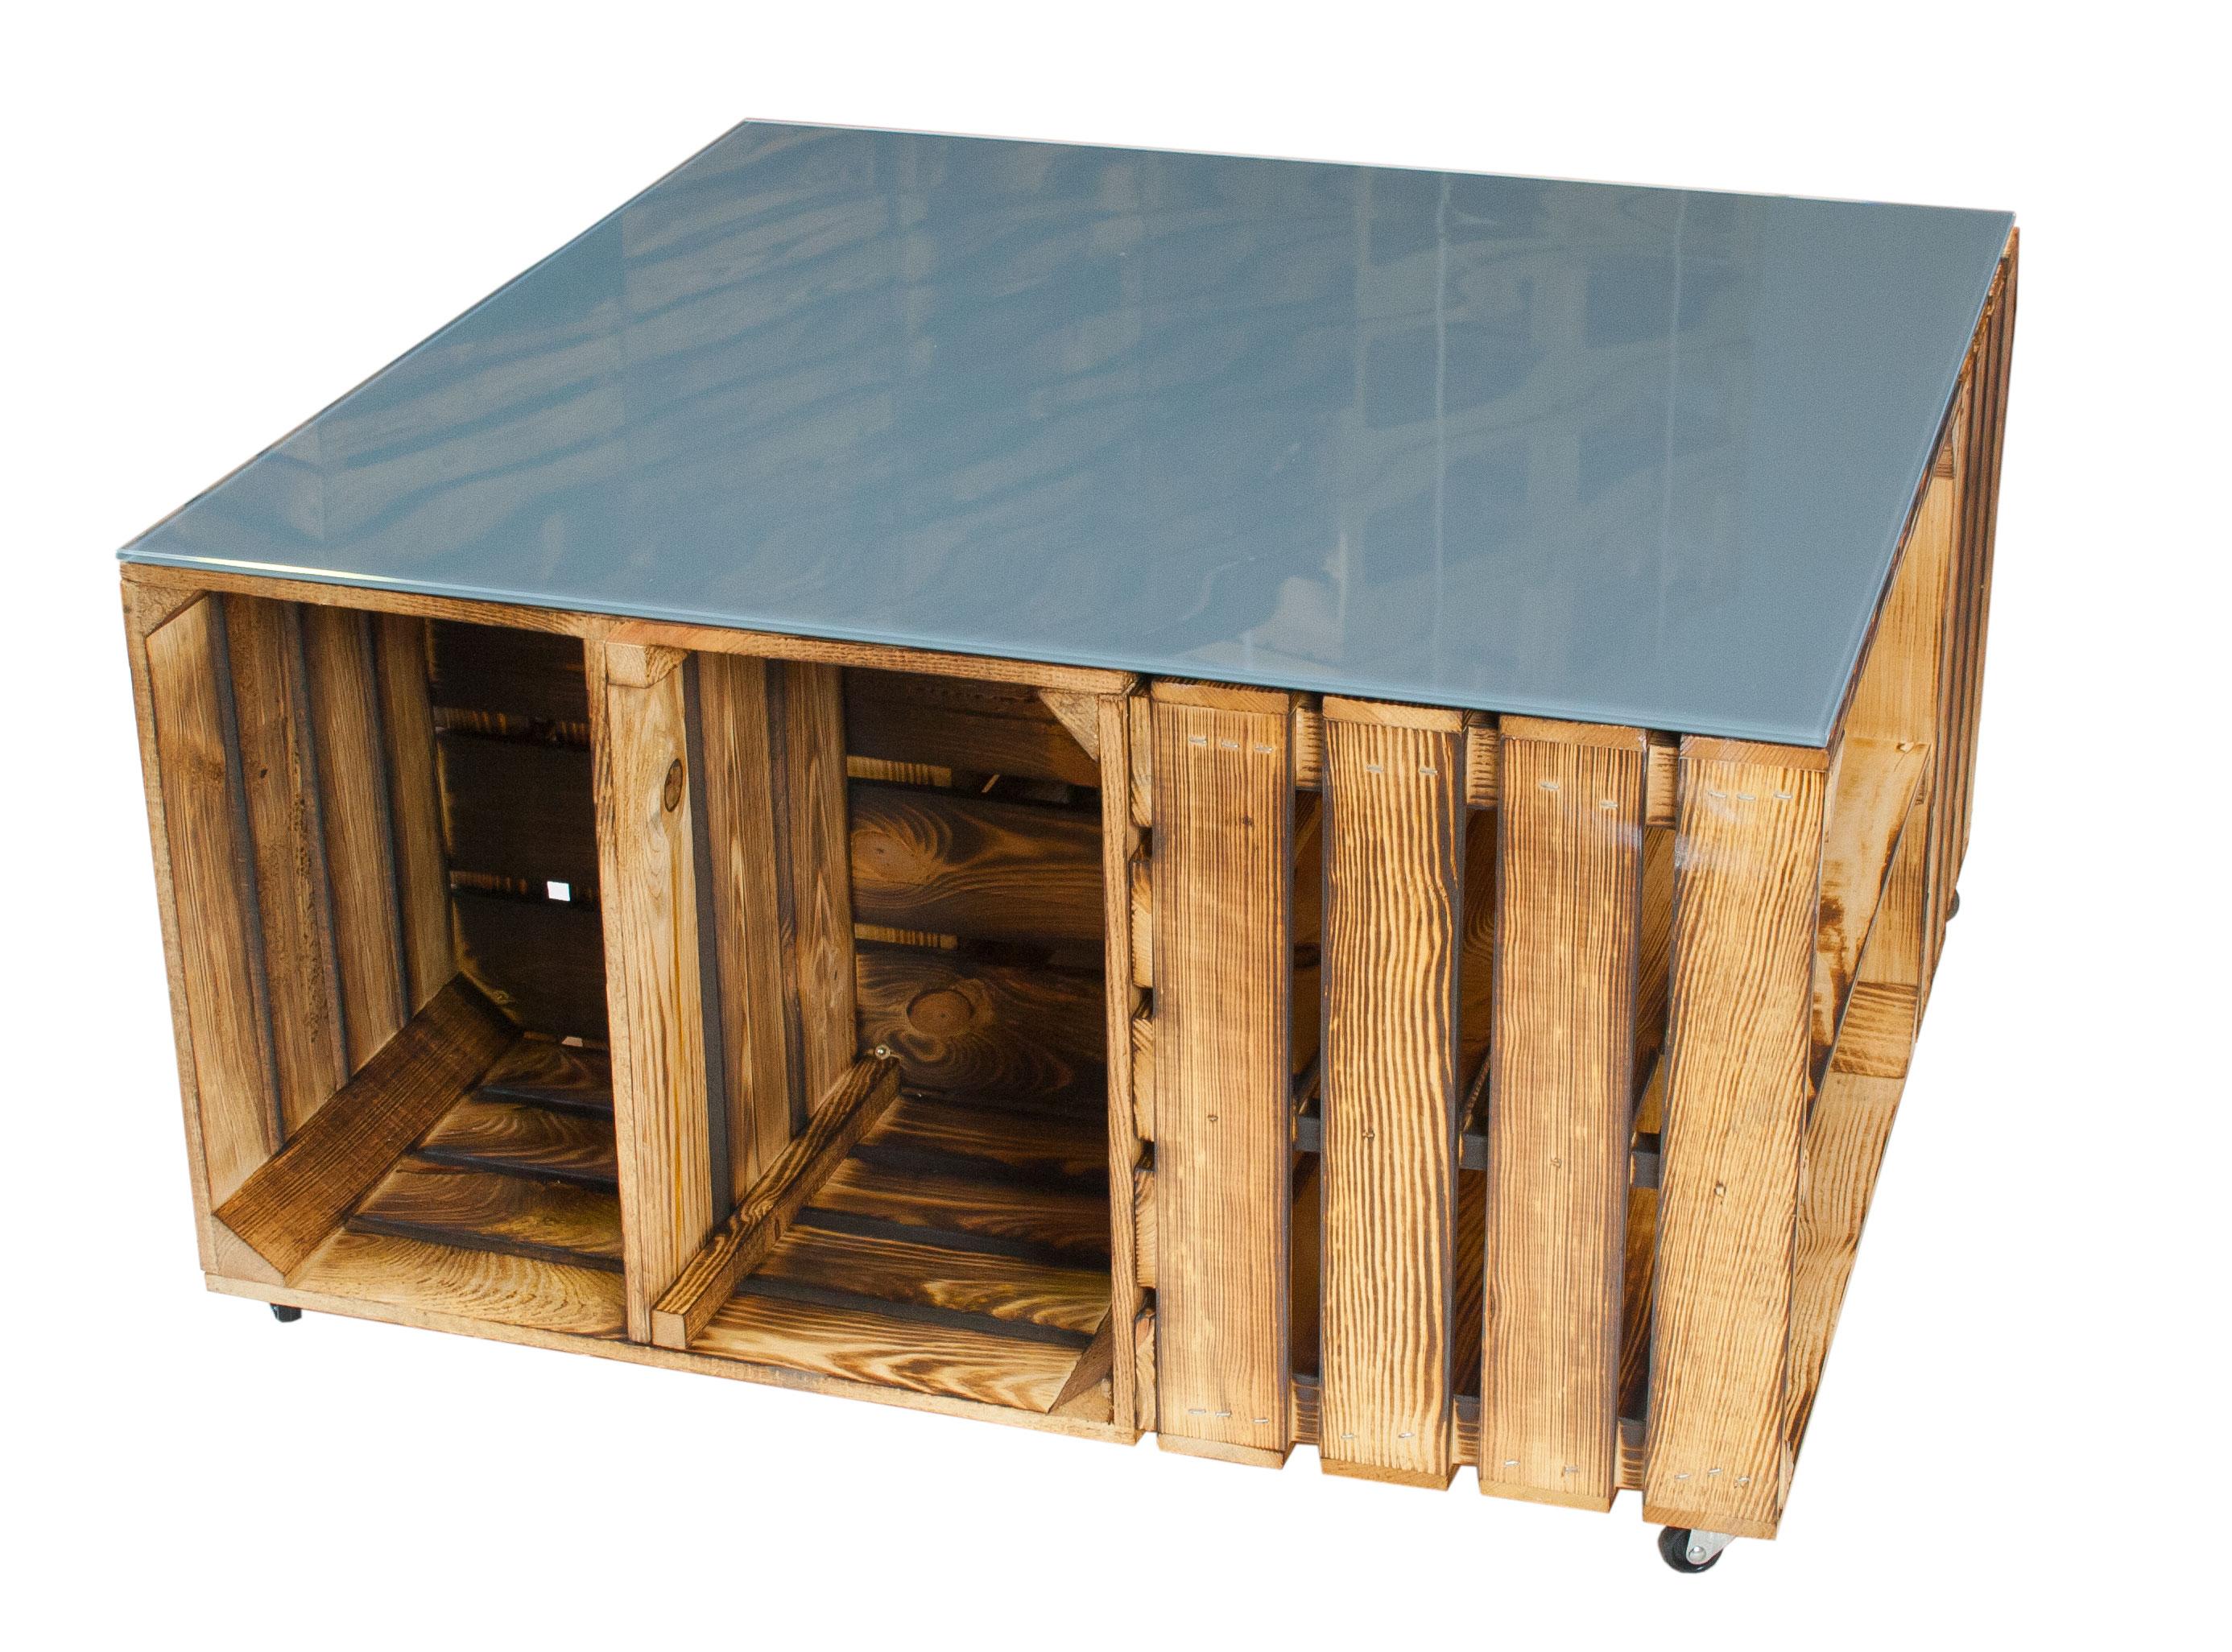 geflammter couchtisch aus apfelkisten mit rollen inkl grauer glasplatte 81x81x44cm. Black Bedroom Furniture Sets. Home Design Ideas